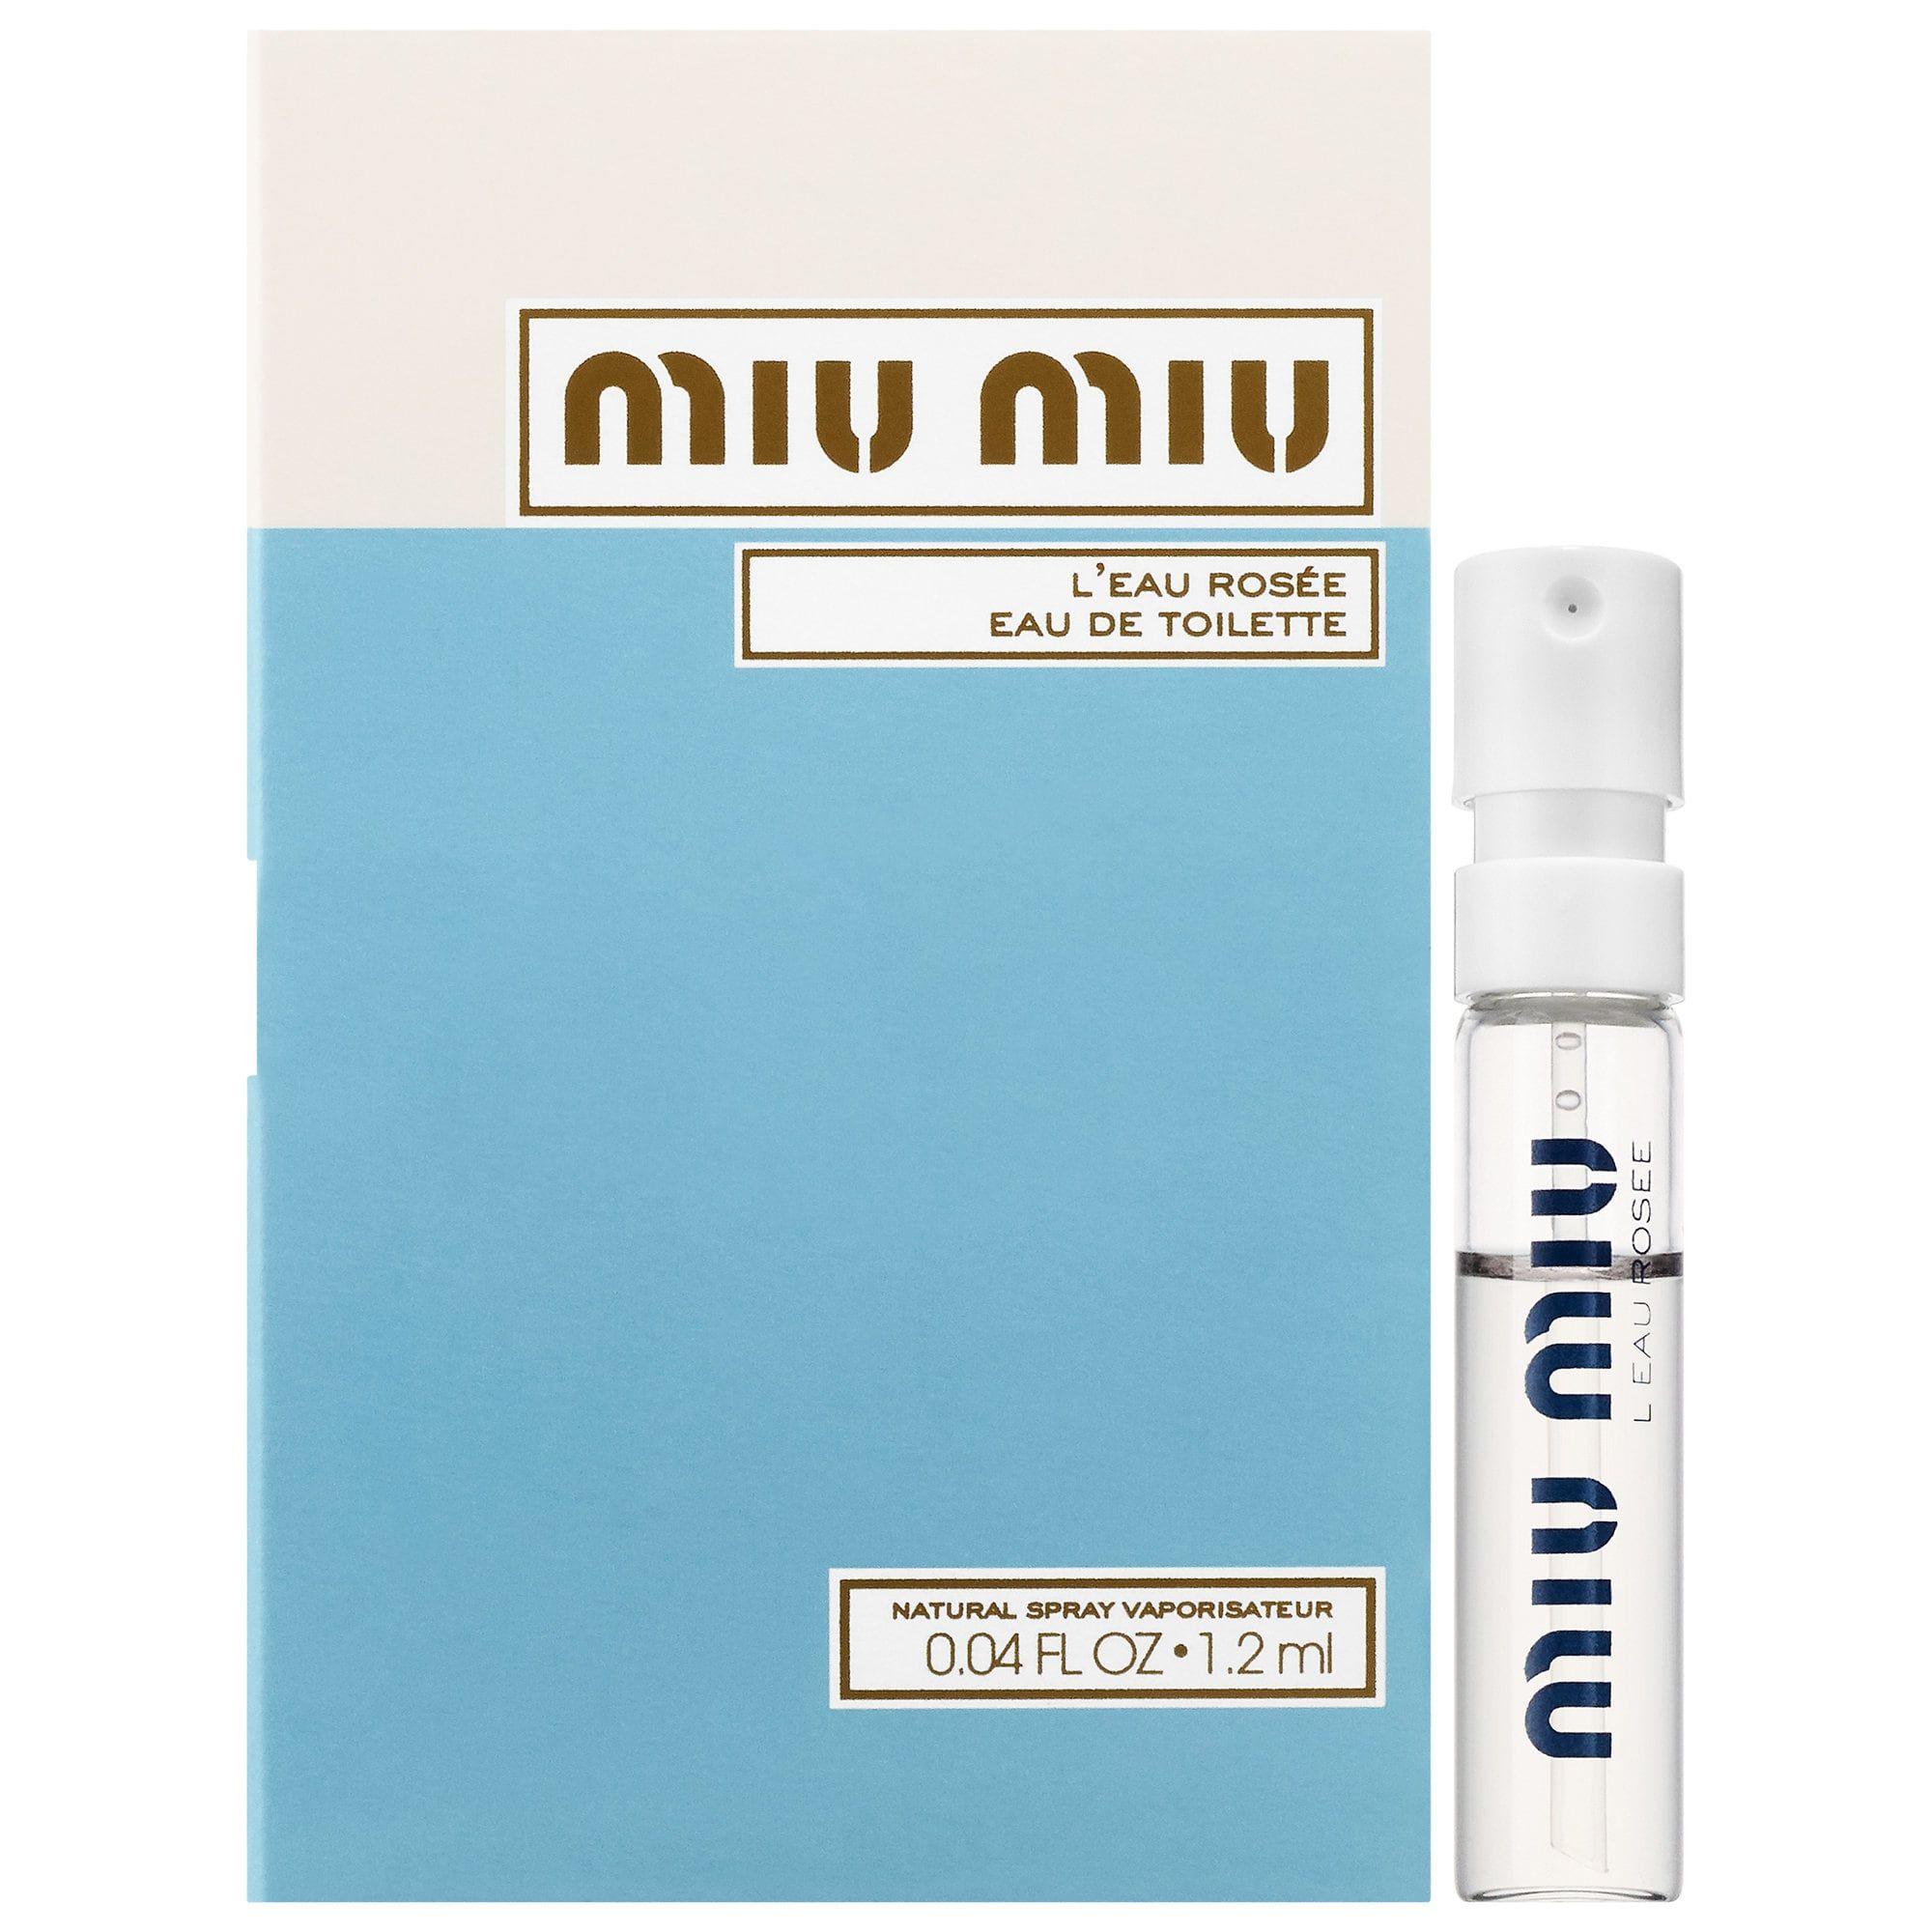 Miu Miu, Miu Miu L Eau Rosée EDT (sample)   beauty   fragrance ... 4358c7fd661